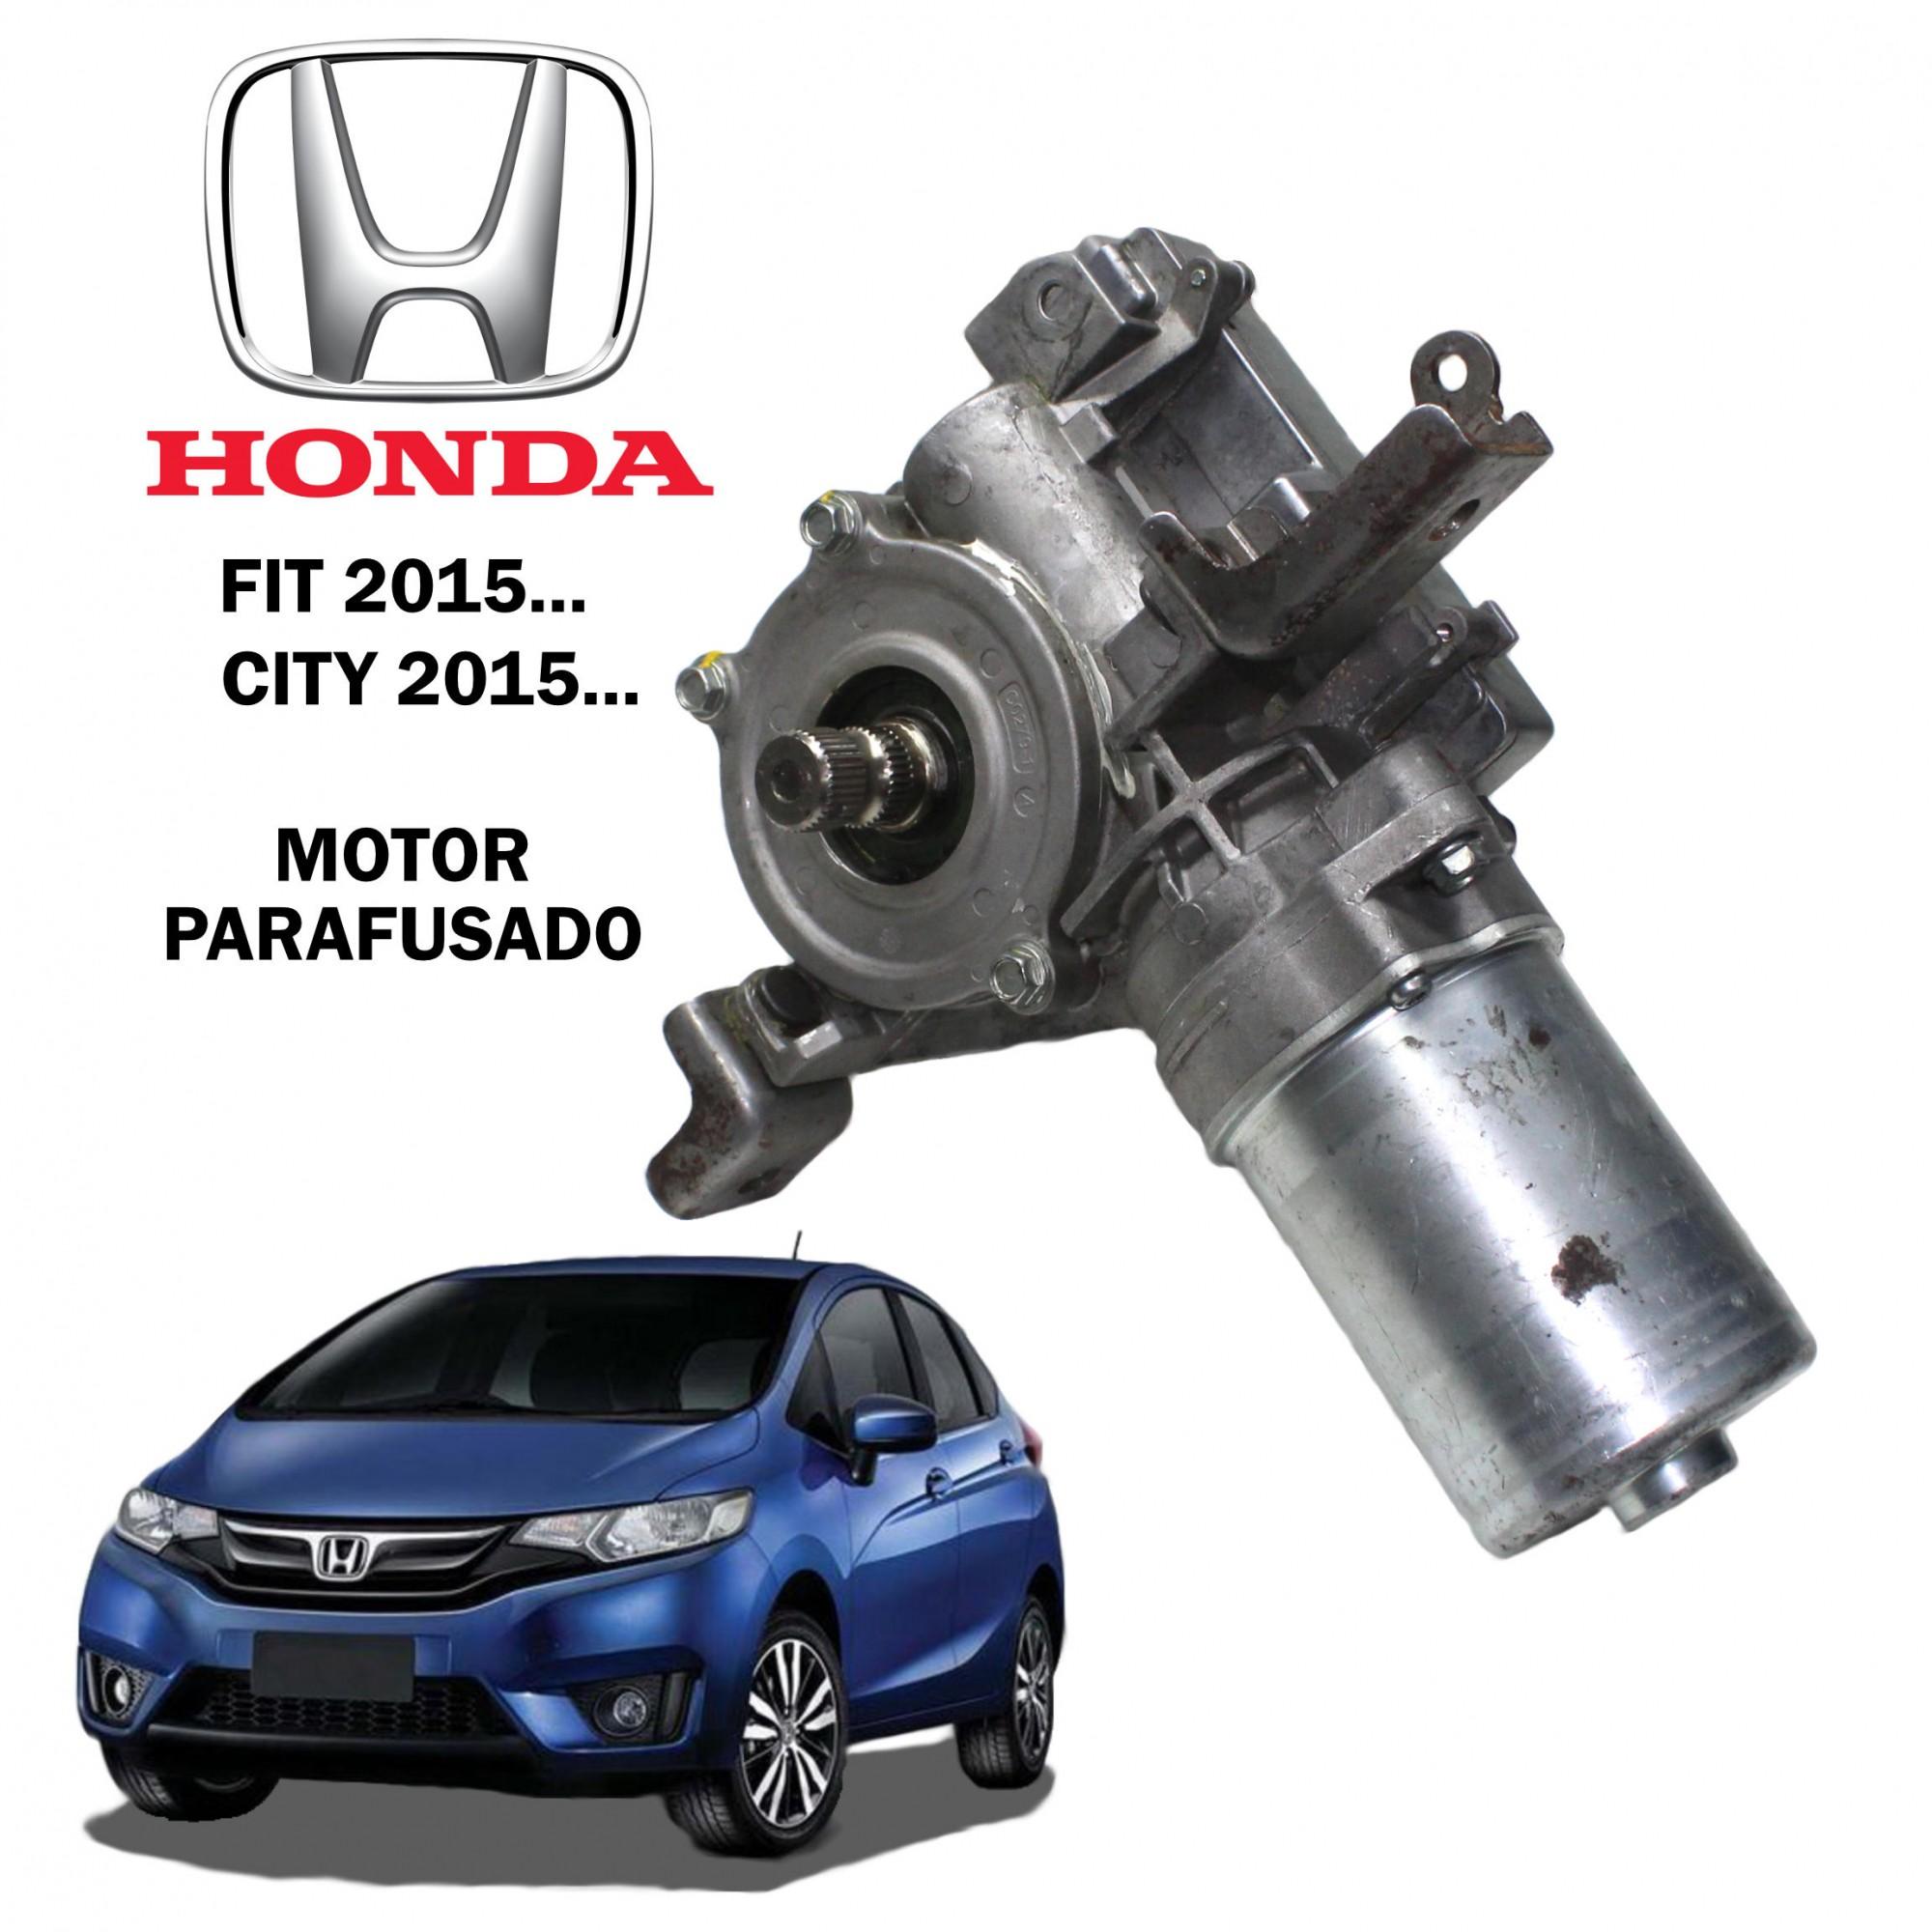 Motor Coluna Direção Elétrica Honda Fit 2015..., City 2015... - Motor Parafusado na Coluna